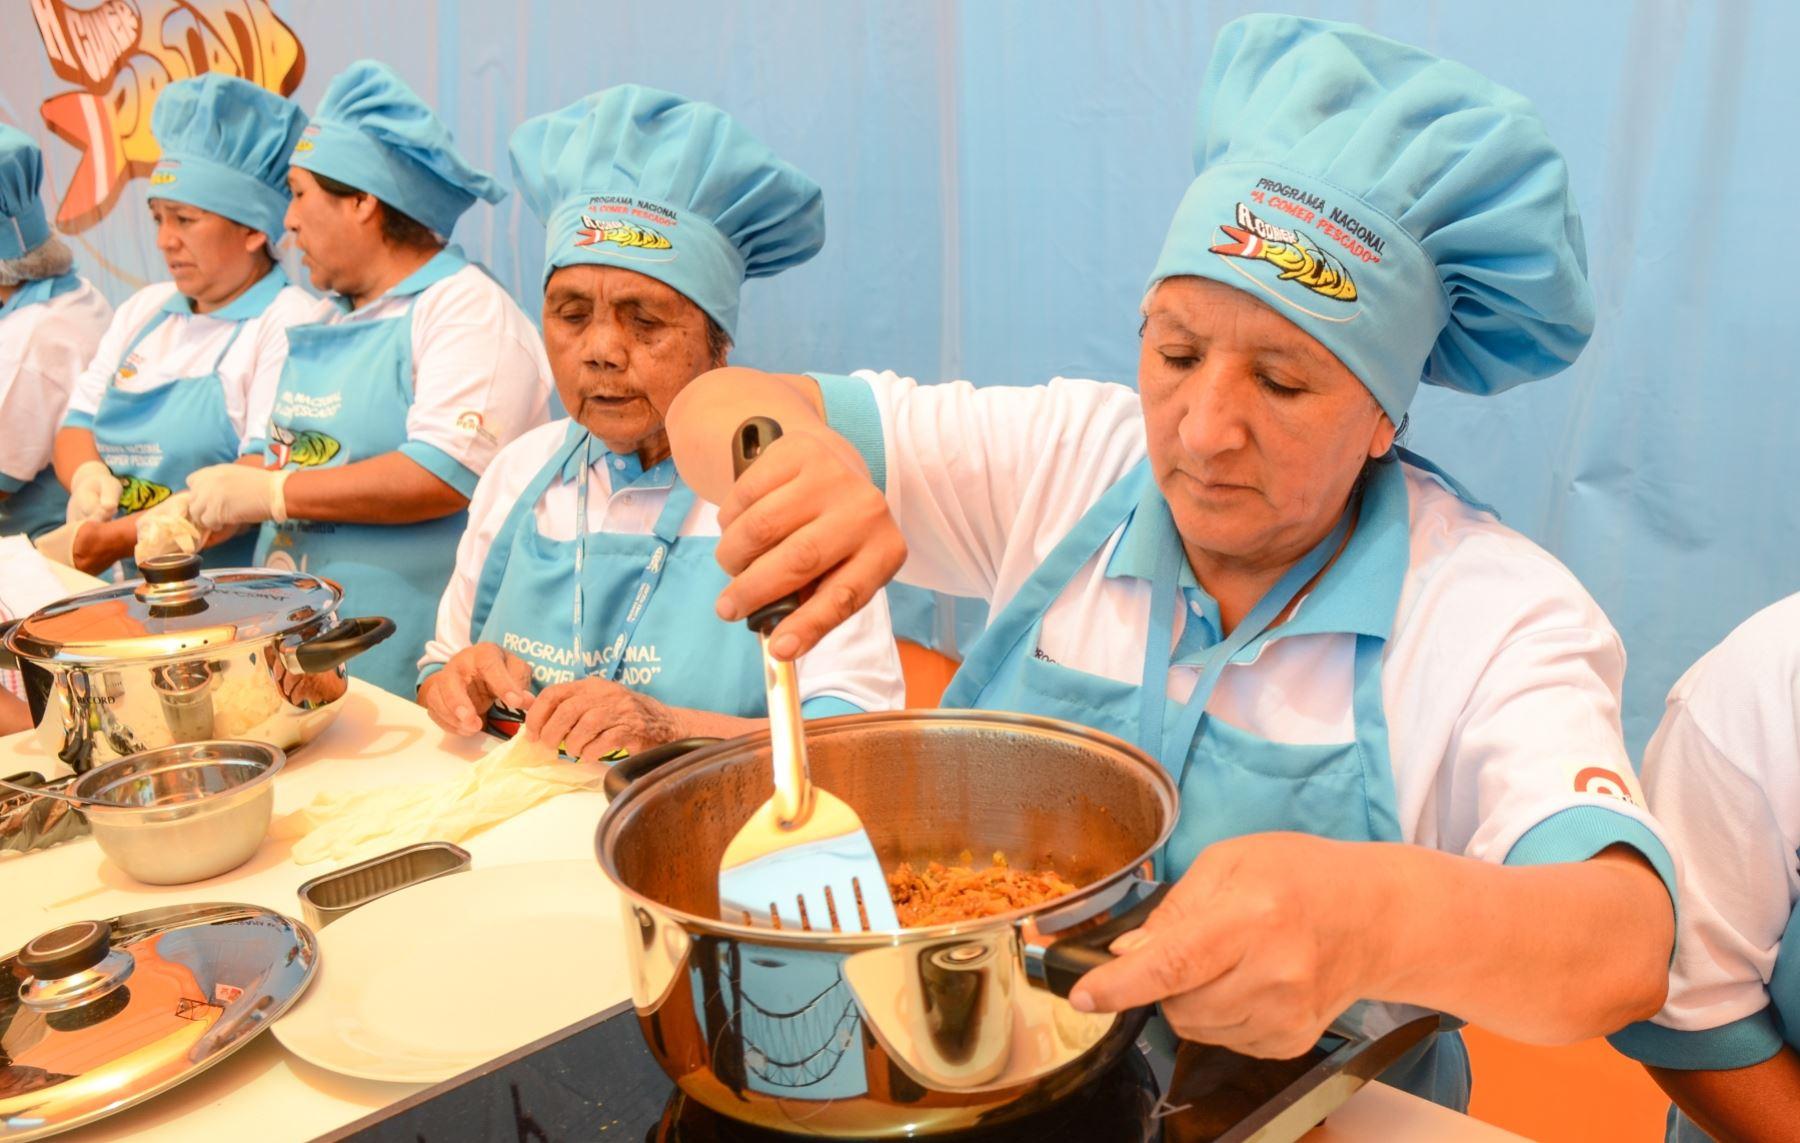 Comedor popular de arequipa gana concurso gastron mico de - El comedor de familia ...